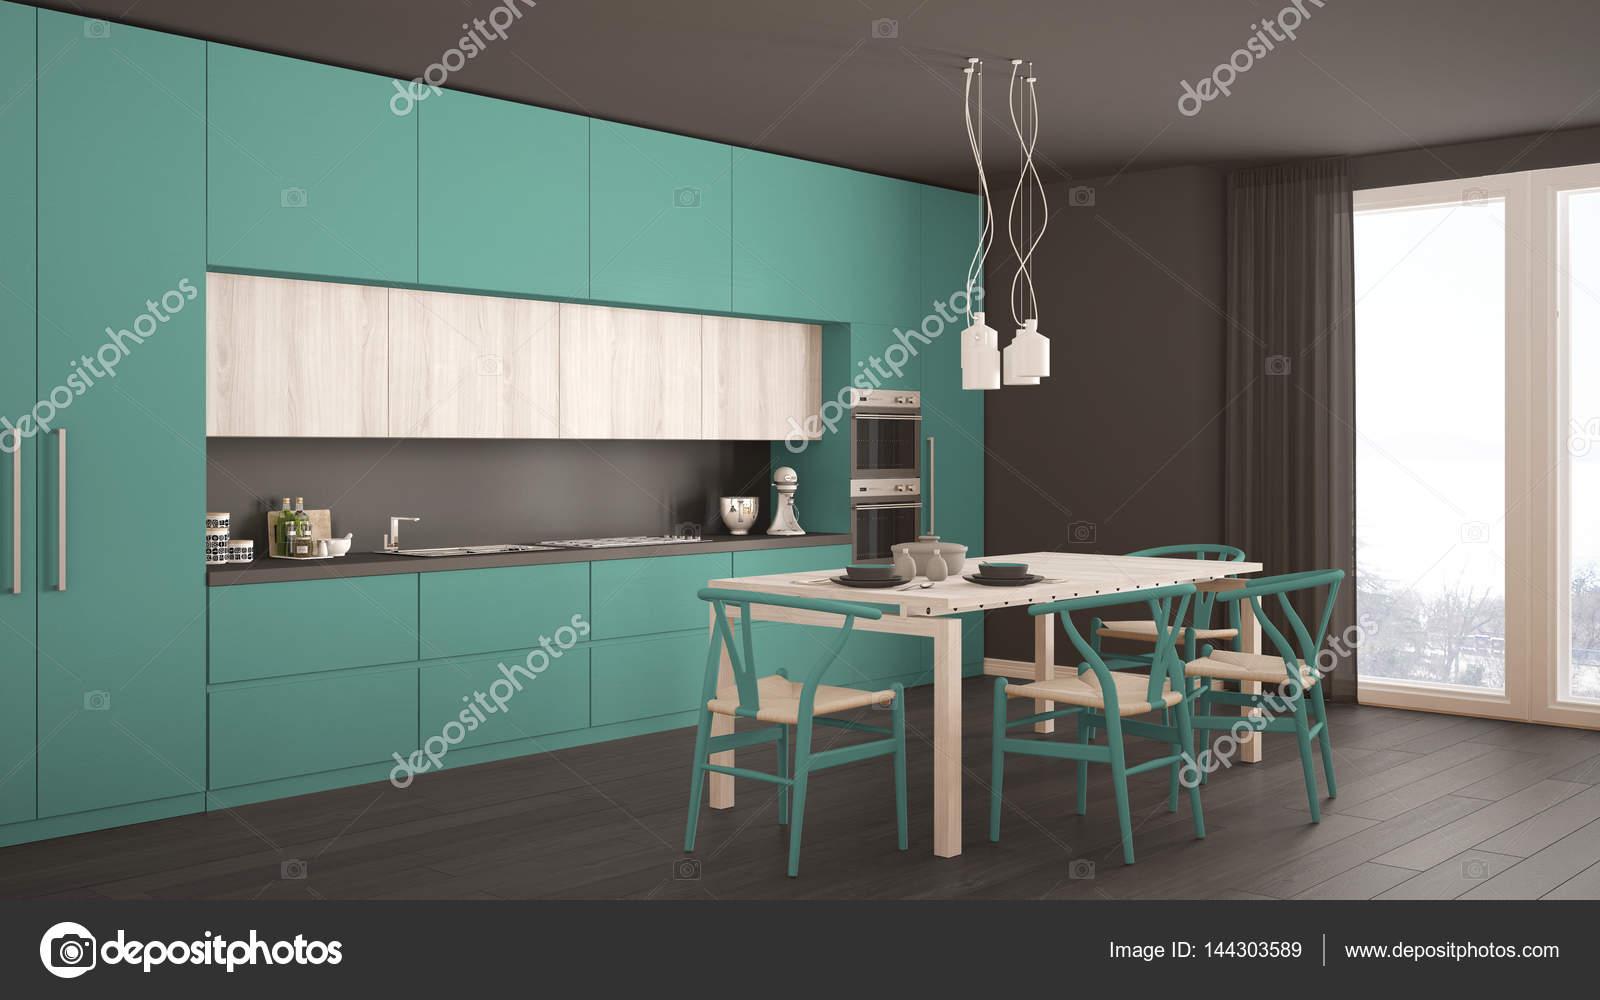 Cucina turchese minimal moderno con pavimento in legno, classico ...